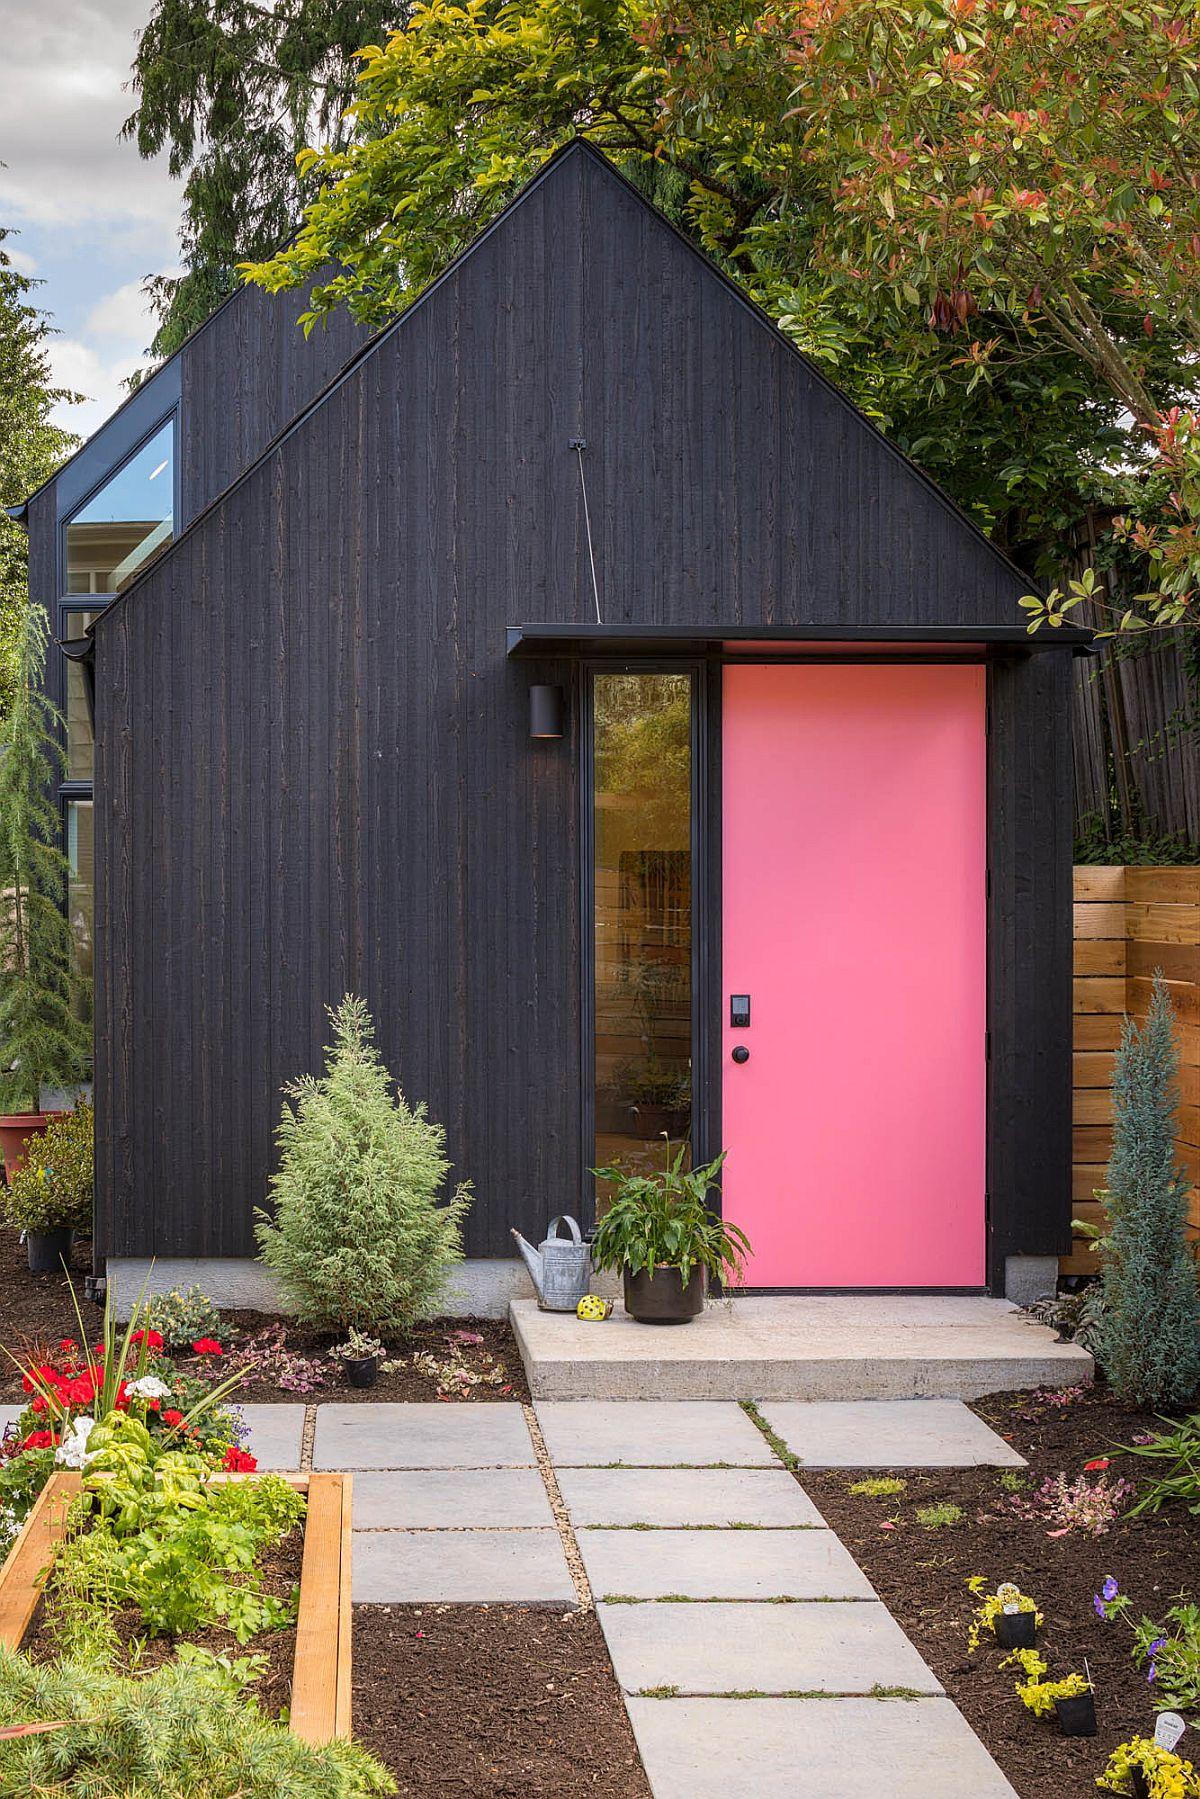 Dark exterior of the home with pink door